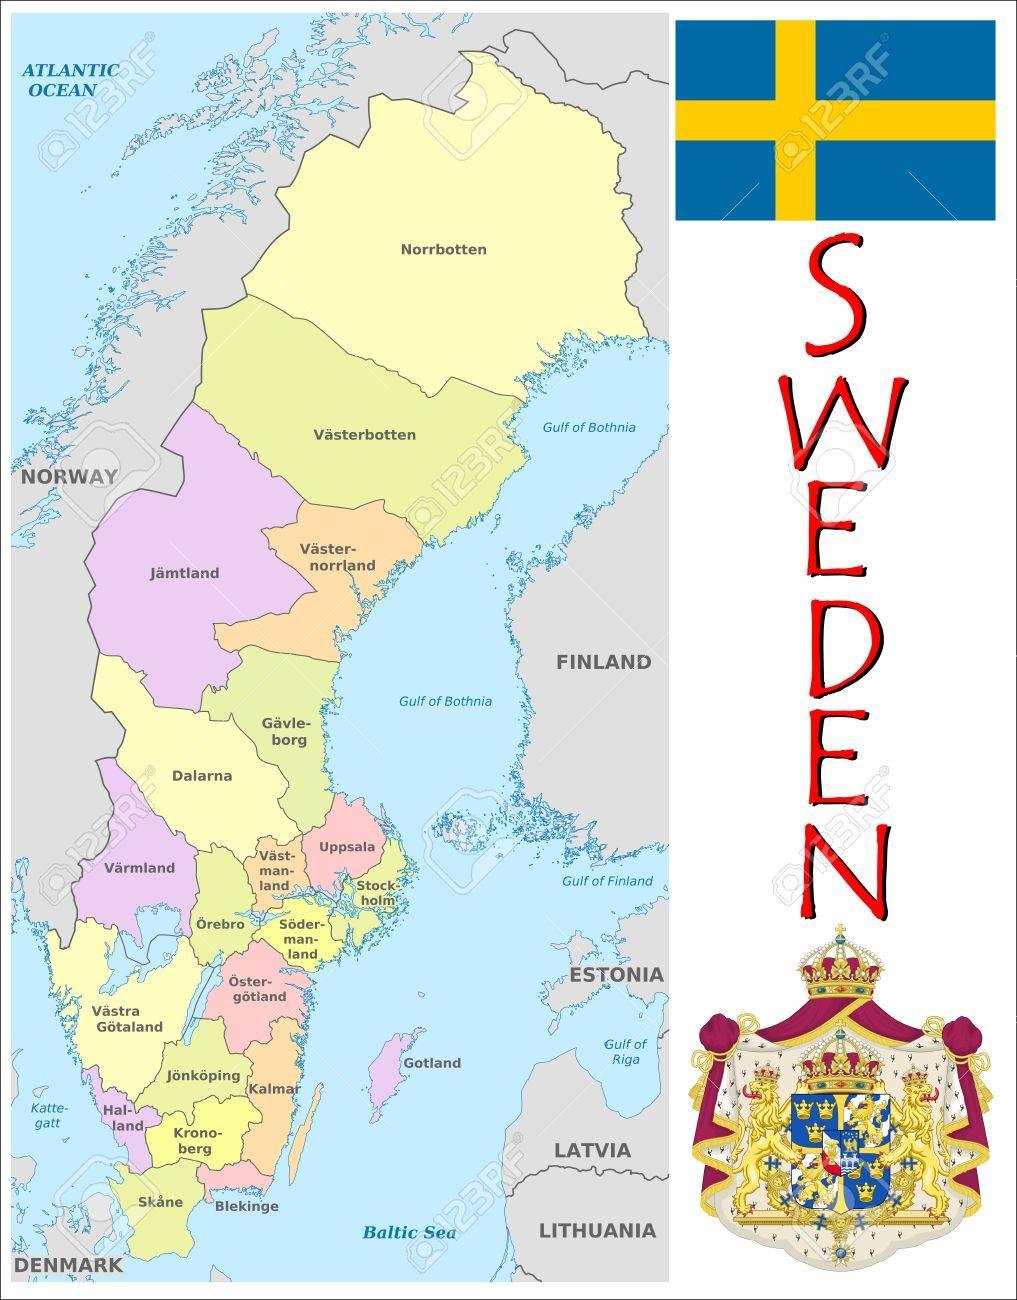 スウェーデンの地方行政区画 ロ...